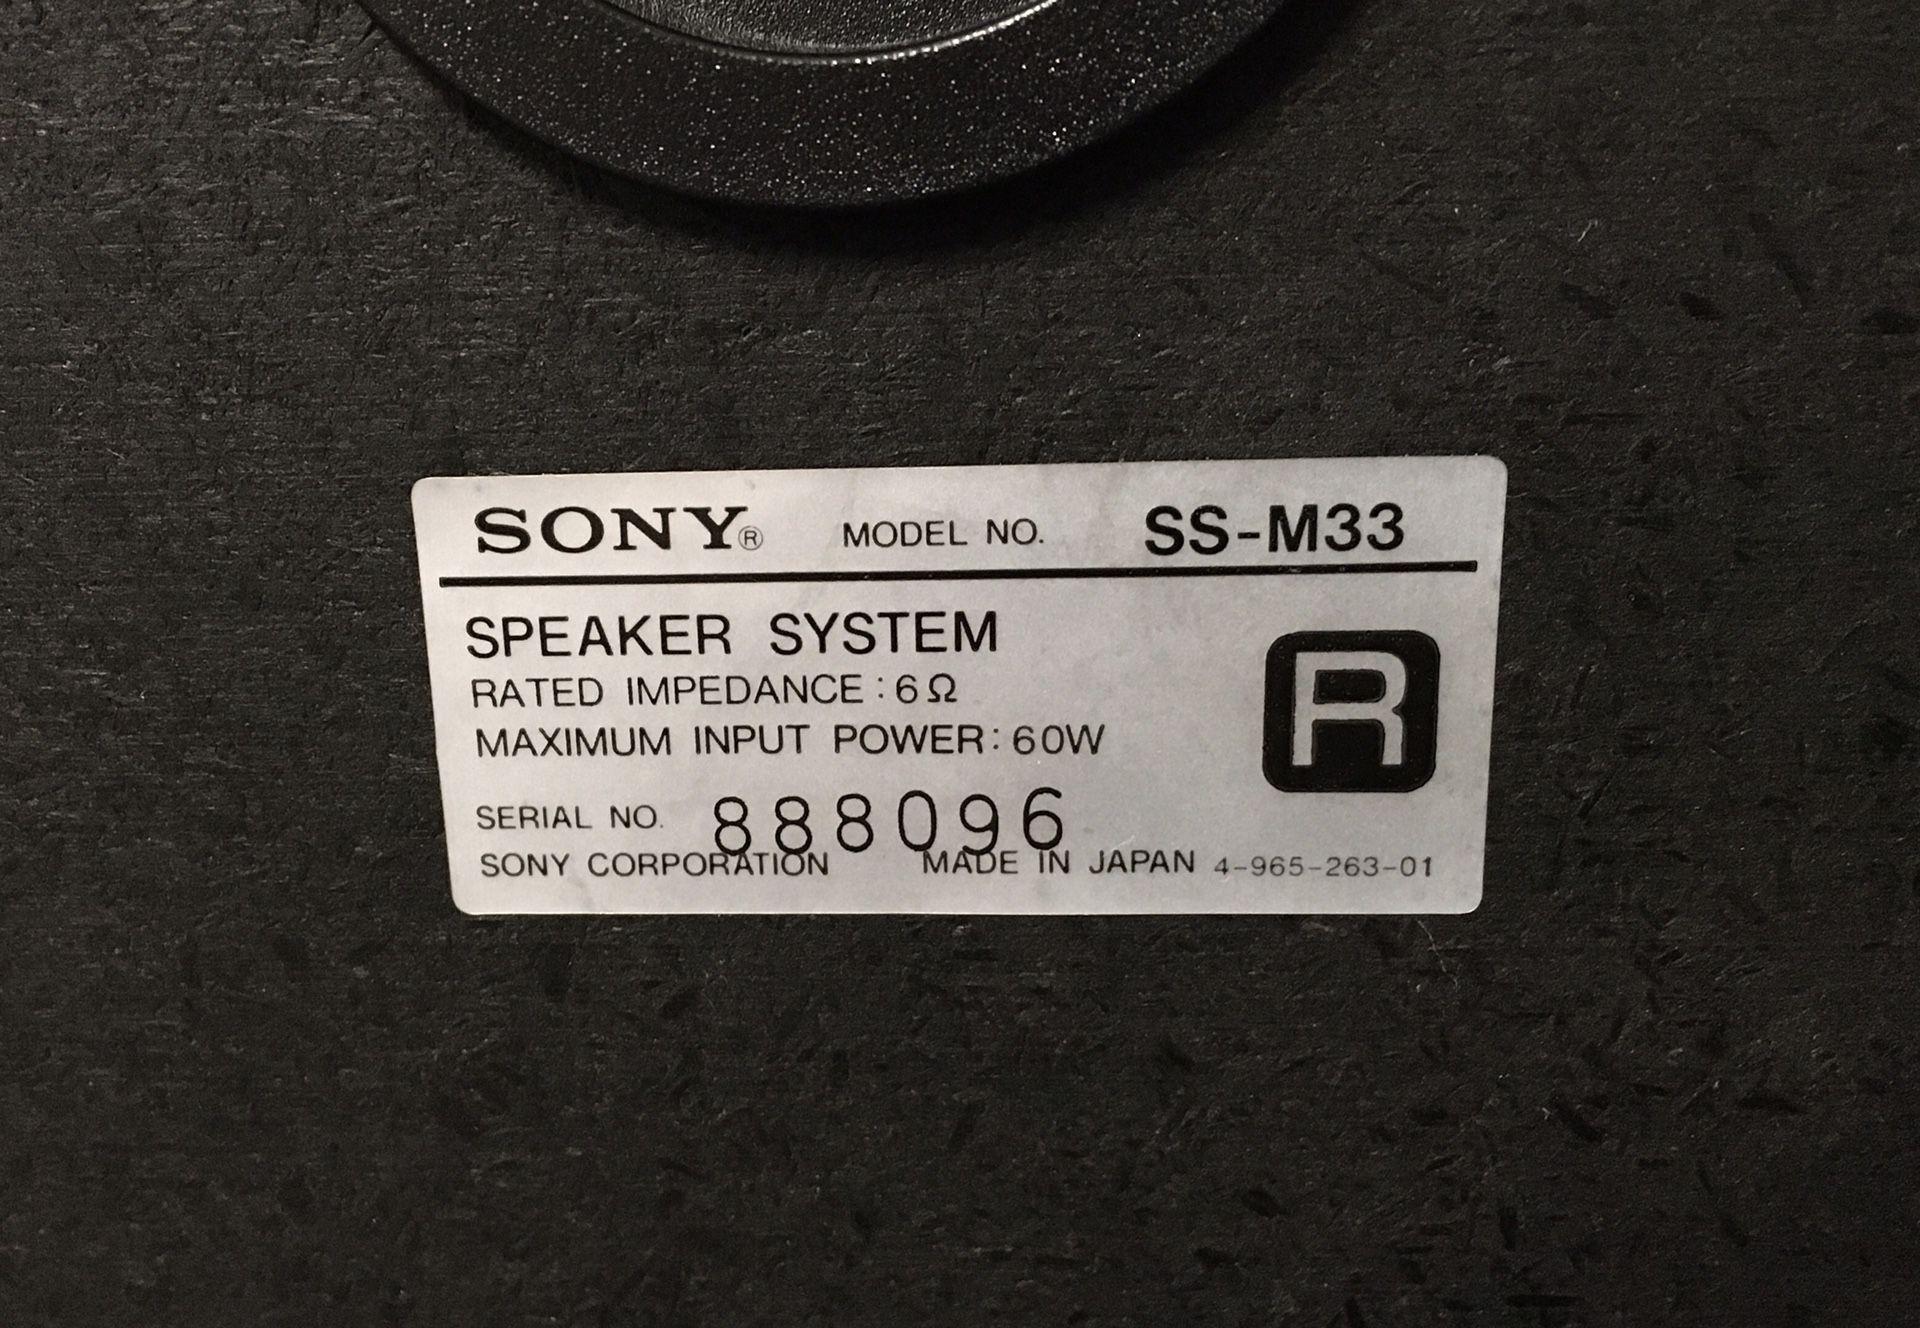 Marantz /Sony  Stereo